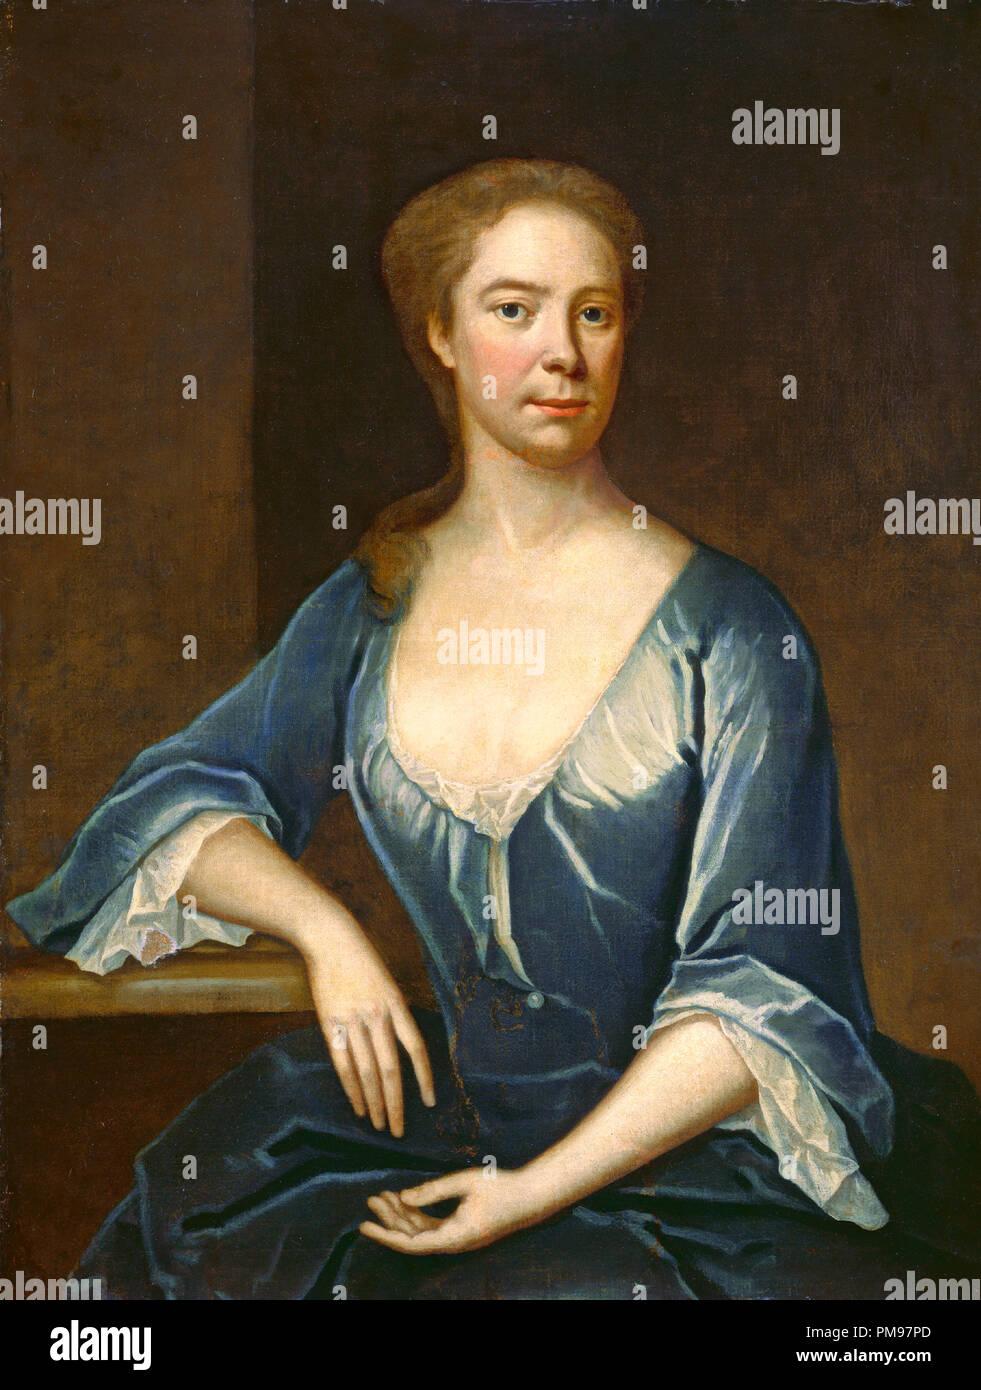 Ritratto di una donna. Data: c. 1715/1730, forse vicino a 1725. Dimensioni: complessivo: 91,4 x 71,1 cm (36 x 28 in.) incorniciato: 105,4 x 85,4 x 7,6 cm (41 1/2 x 33 5/8 x 3 in.). Medium: olio su tela. Museo: National Gallery of Art di Washington DC. Autore: Maria Verelst. Immagini Stock